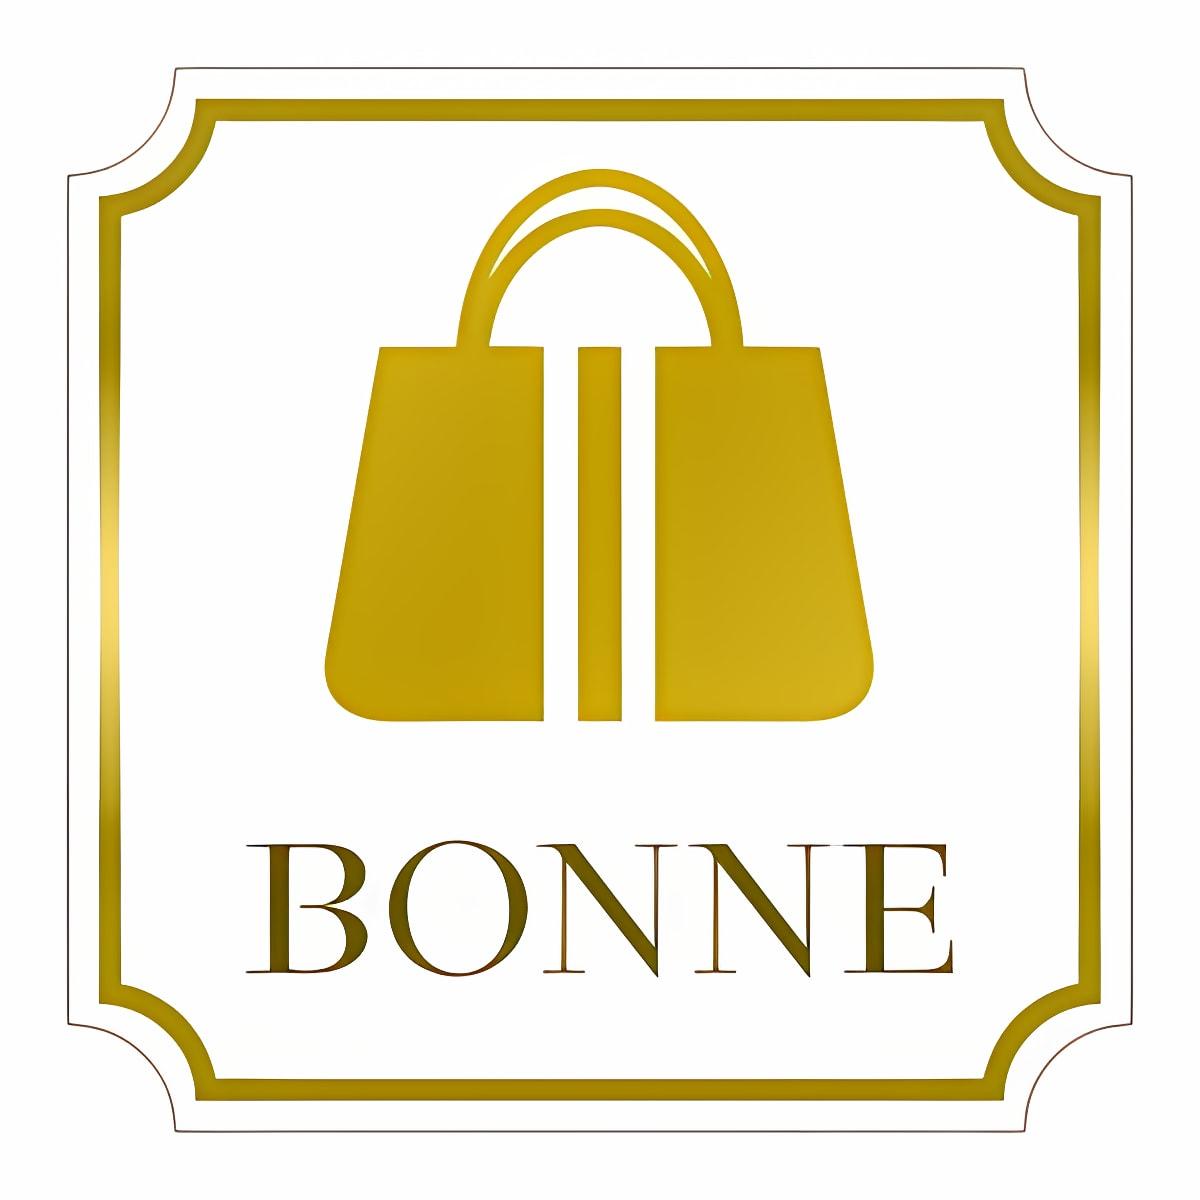 こだわり雑貨&コスメならBONNE(ボンヌ)お買い物♪アプリ 1.1.1